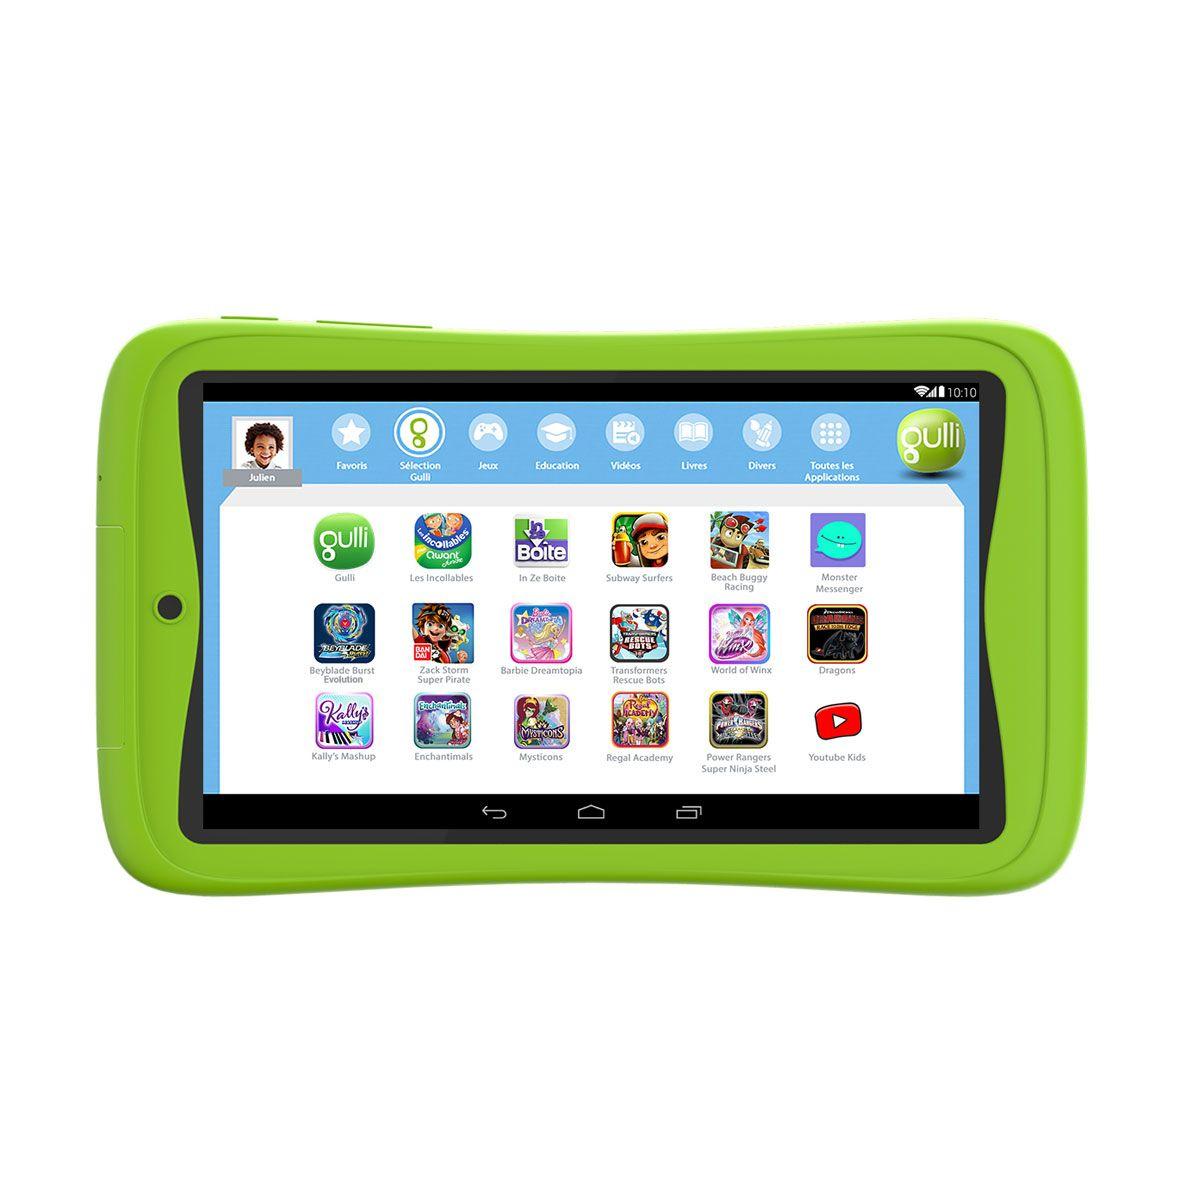 Tablette Gulli 7' Connect Gulli Pour Enfant De 4 Ans À 10 à Tablette Pour Enfant De 4 Ans